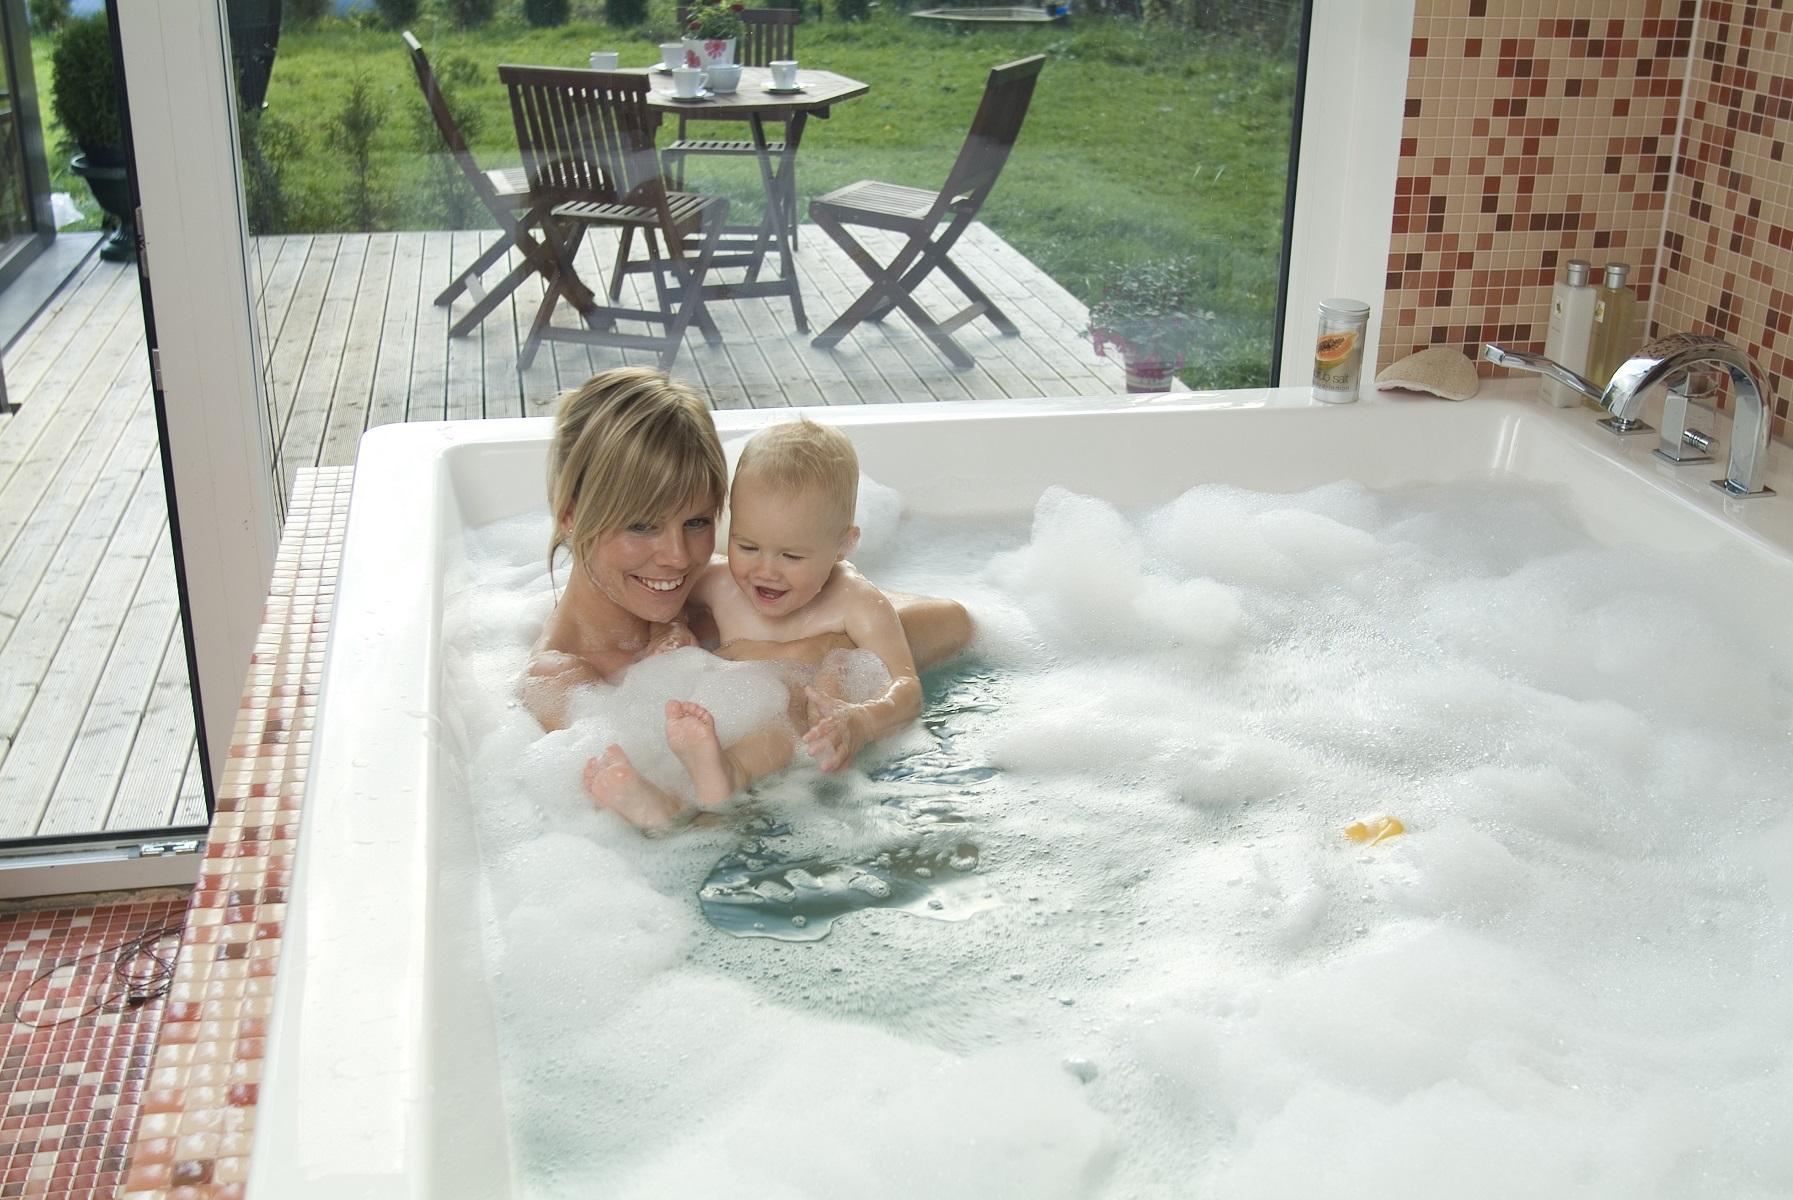 Whirlpool vs Air tub